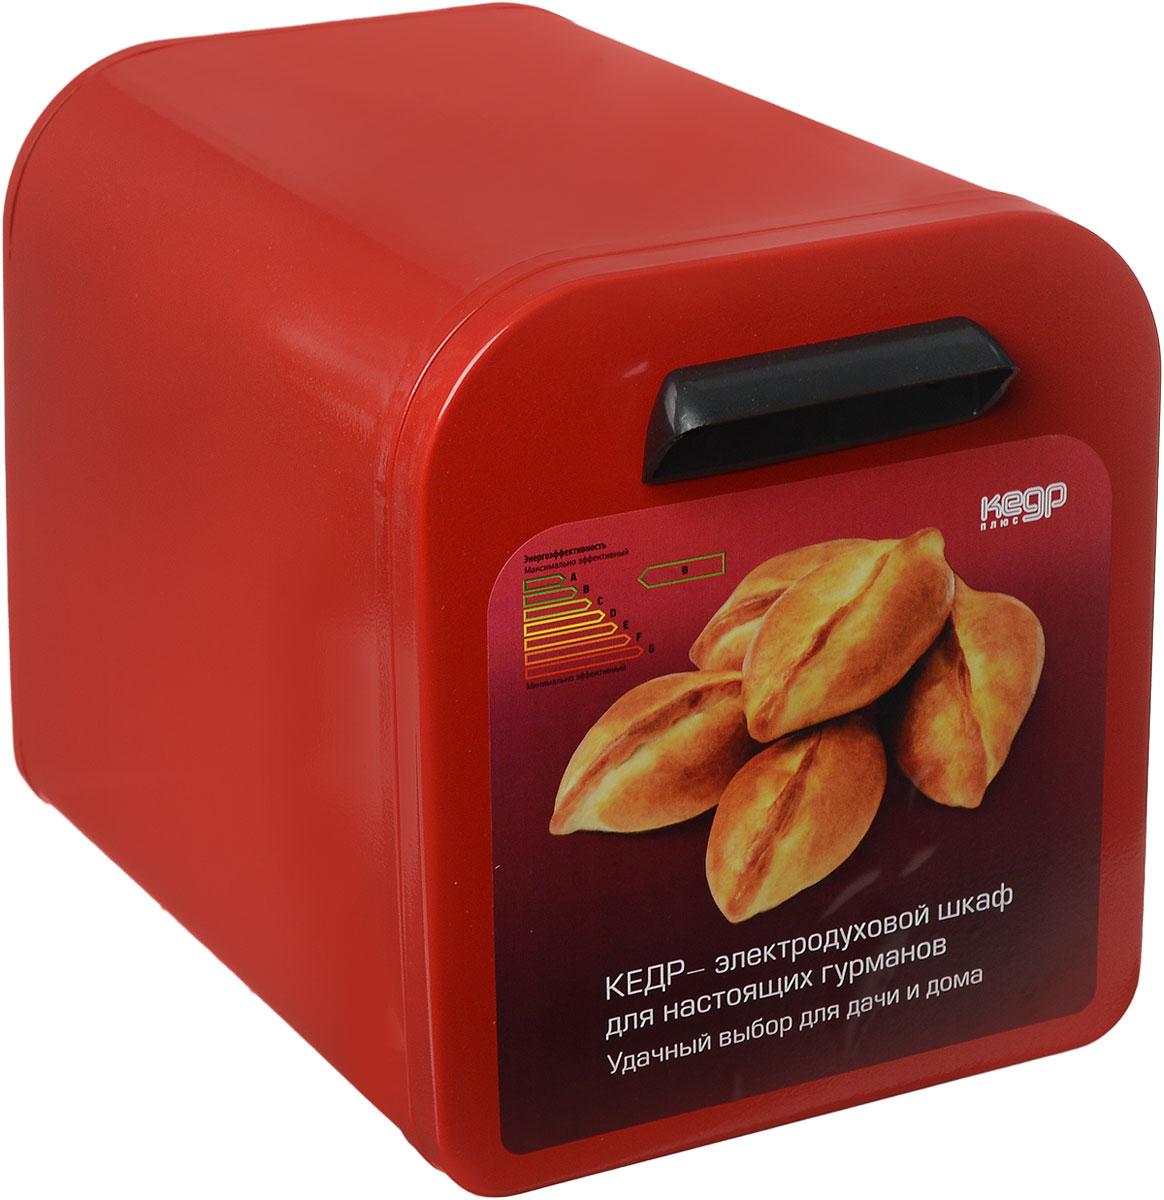 Кедр ЖШ-0,625/220, Red жарочный шкафШЖ-0,625/220 RЖарочный шкаф Кедр предназначен для выпечки в домашних условиях различных изделий из теста, а также для запекания картофеля и приготовления блюд из мяса, птицы, рыбы. Такжев нем можно сушить ягоды, грибы и фрукты. Идеален для использования дома, на даче или в гараже.Этот жарочный шкаф отличается низким энергопотреблением — всего 0,625 кВт, что обеспечивает значительную экономию электроэнергии по сравнению с микроволновой печью и бесперебойную работу в условиях нестабильного электроснабжения в сельскойместности, имеет большой срок службы — до 20-ти лет. Но, пожалуй, главная его особенность и уникальность заключается в том, что он создает эффект русской печи. Так происходит, потому что тепло по всему периметру жарочного шкафа распределяется равномерно и как бы окутывает блюдо со всех сторон. В процессе приготовления еды не задействованы микроволны, о вреде которых идет так много споров. А, значит, жарочный шкаф Кедр составит хорошую альтернативу микроволновке.Высокие вкусовые качества приготовленных блюдУвеличенный срок службы (до 20 лет)Гарантийный срок - 24 месяцаНизкое энергопотреблениеОтсутствие микроволнЛегкость и простота эксплуатацииВремя разогрева до температуры 250°С - не более 20 минутВнутренние размеры: 315 x 205 x 205 ммМатериал корпуса: металл.